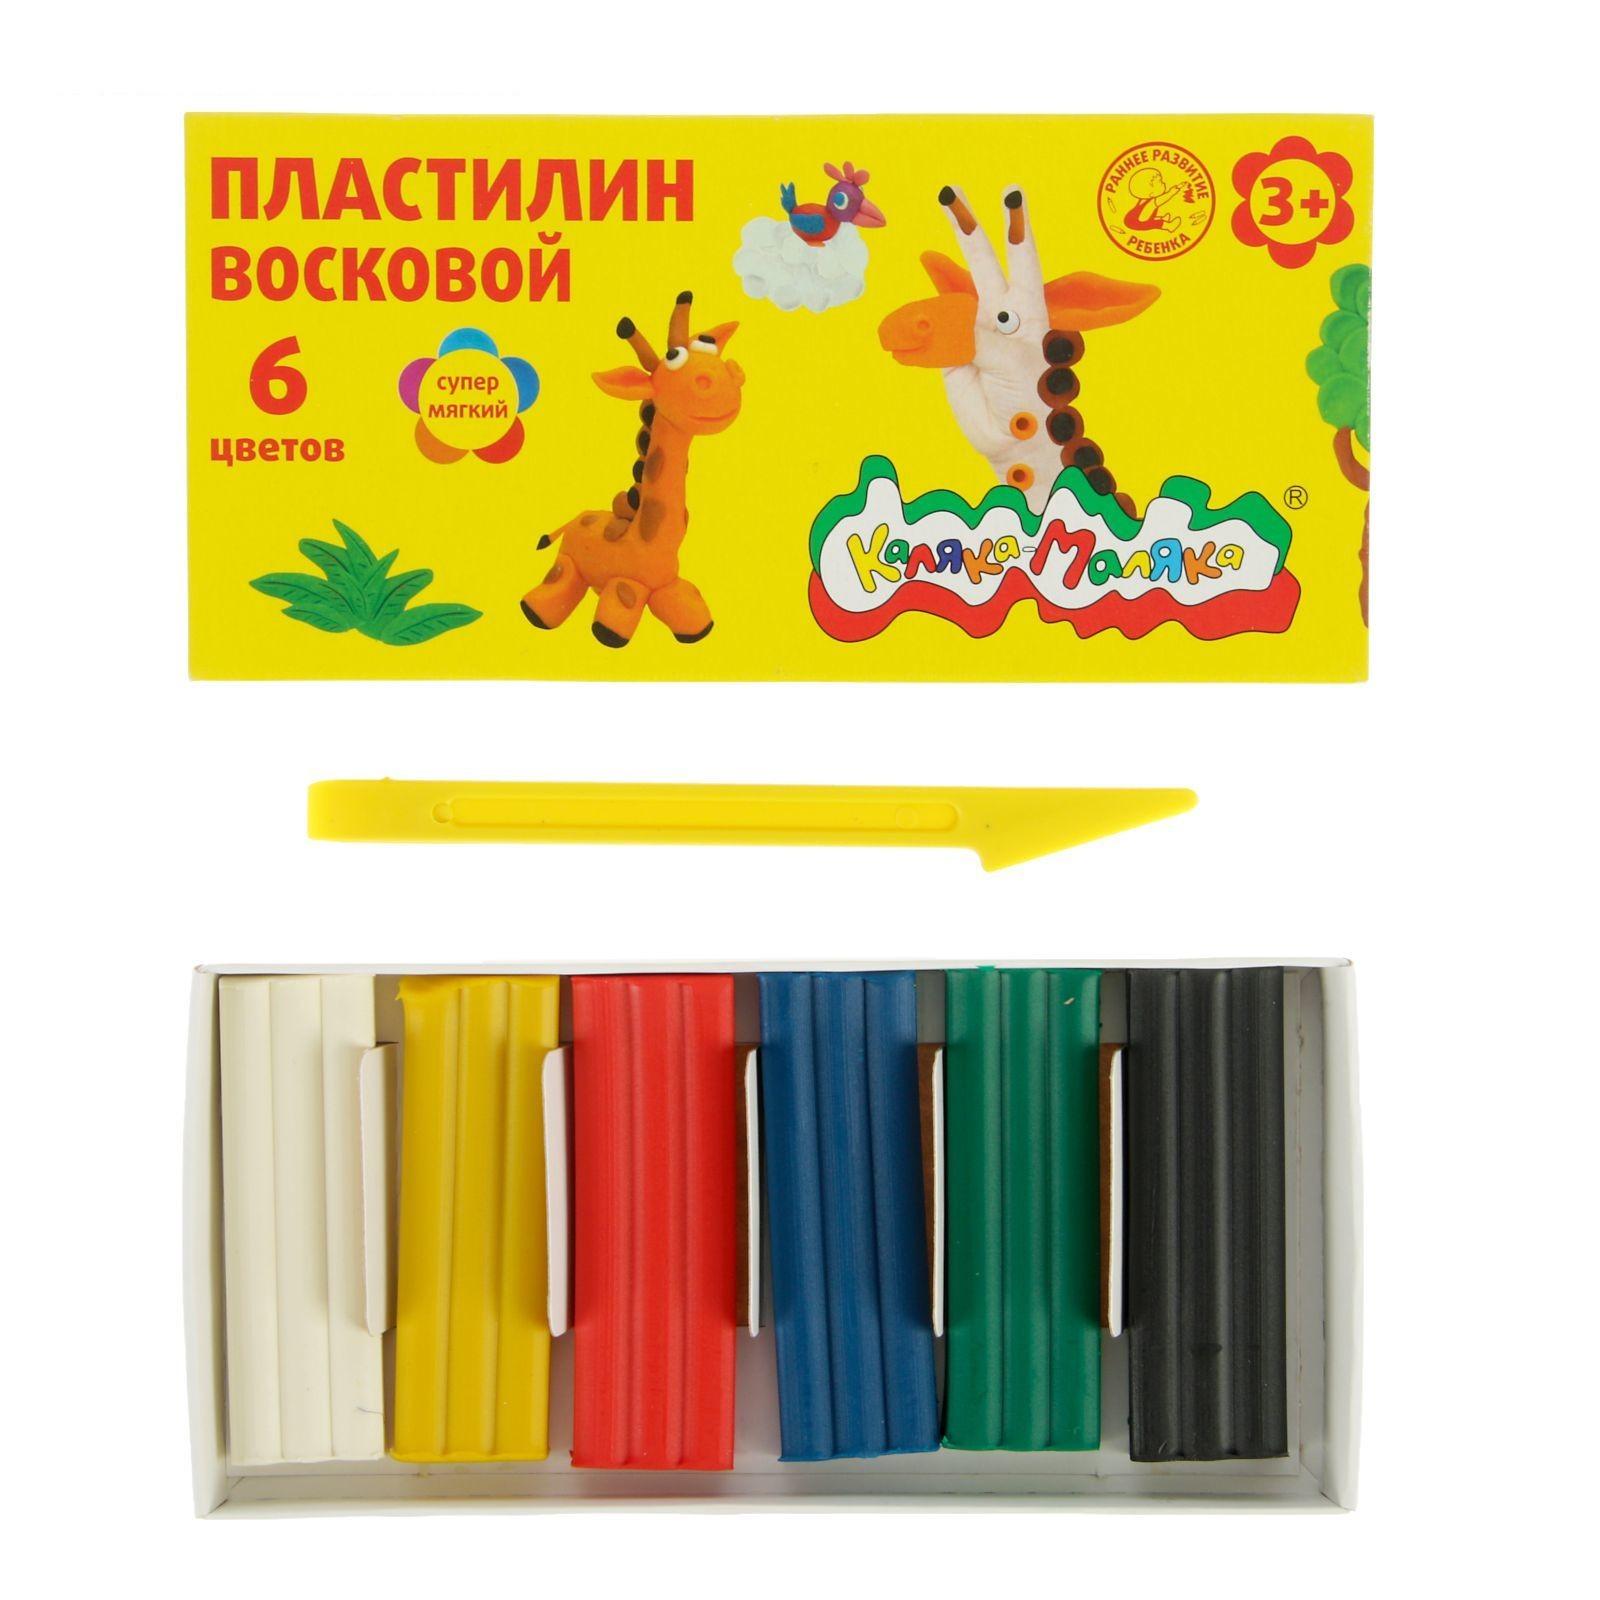 Пластилин восковой Каляка-Маляка 6 цв. 90г, стек